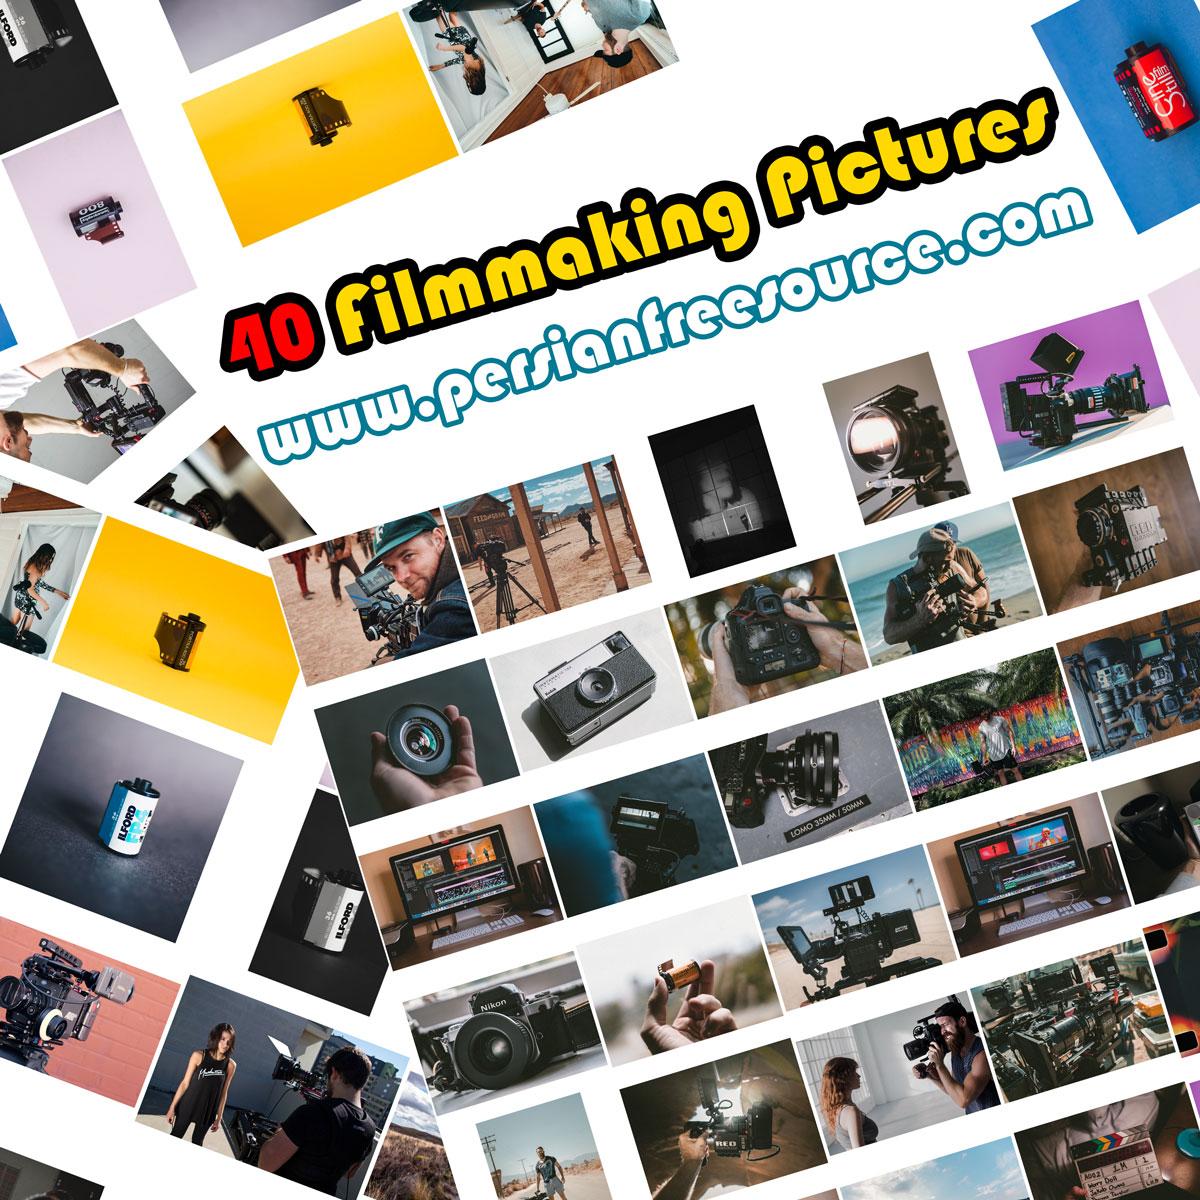 دانلود مجموعه ۴۰ عکس مربوط به فیلم سازی و دوربین  Filmmaking Pictures